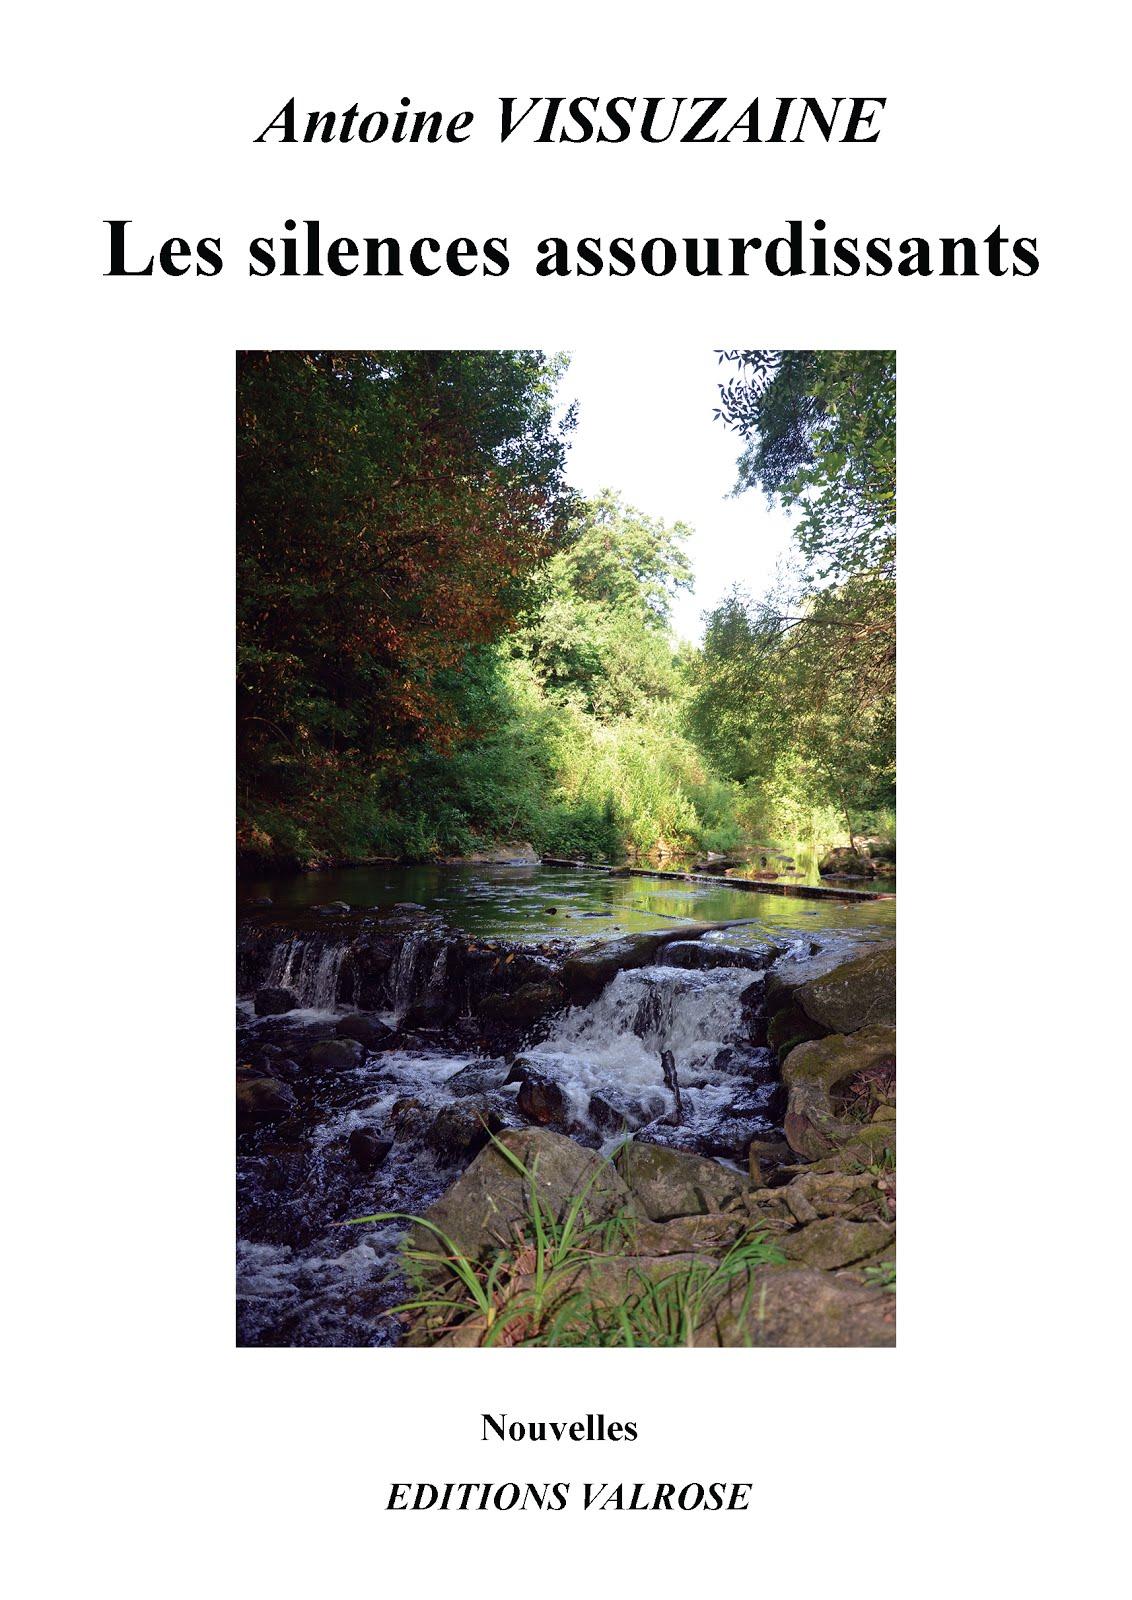 LES SILENCES ASSOURDIS-SANTS, nouvelles